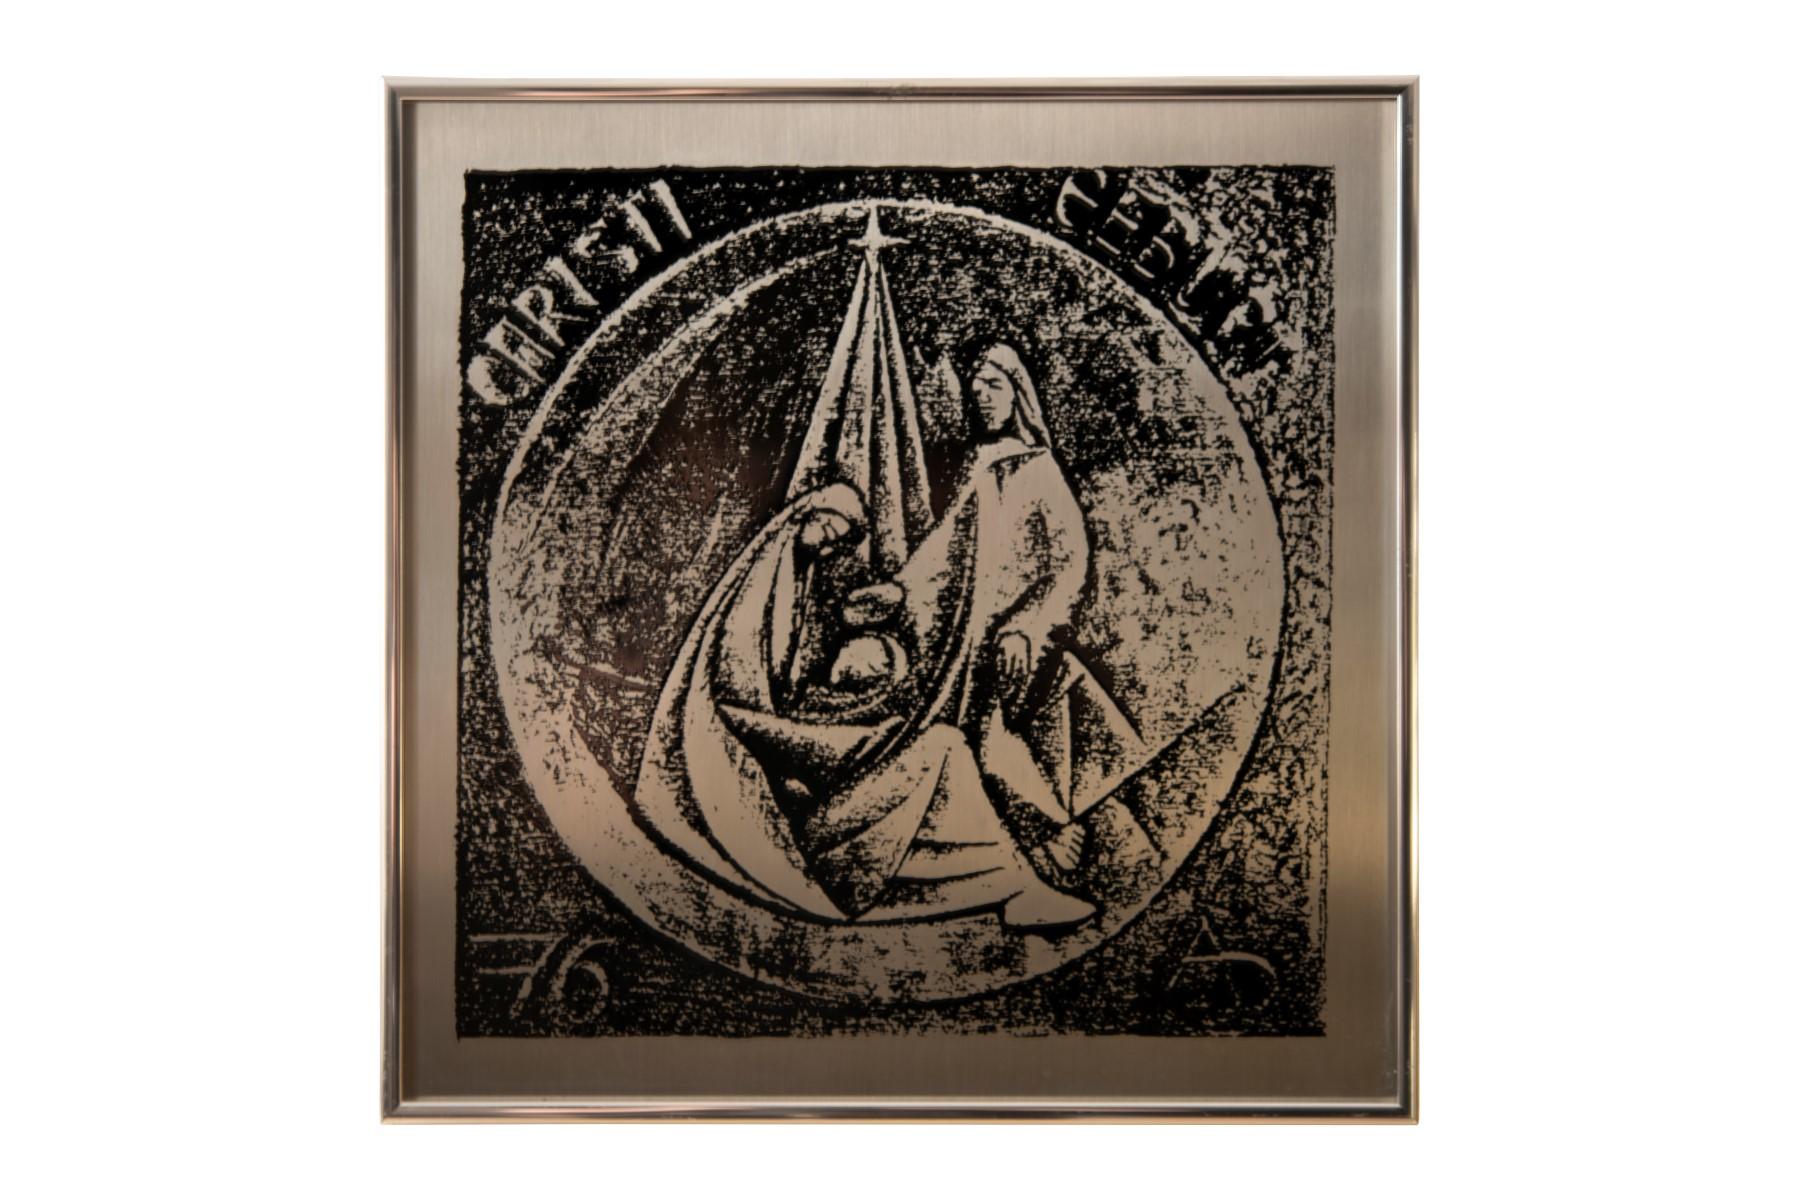 #6 Alexander Diepold* (1929-2012), The Birth of Christ   Alexander Diepold* (1929-2012), Die Geburt Christi Image